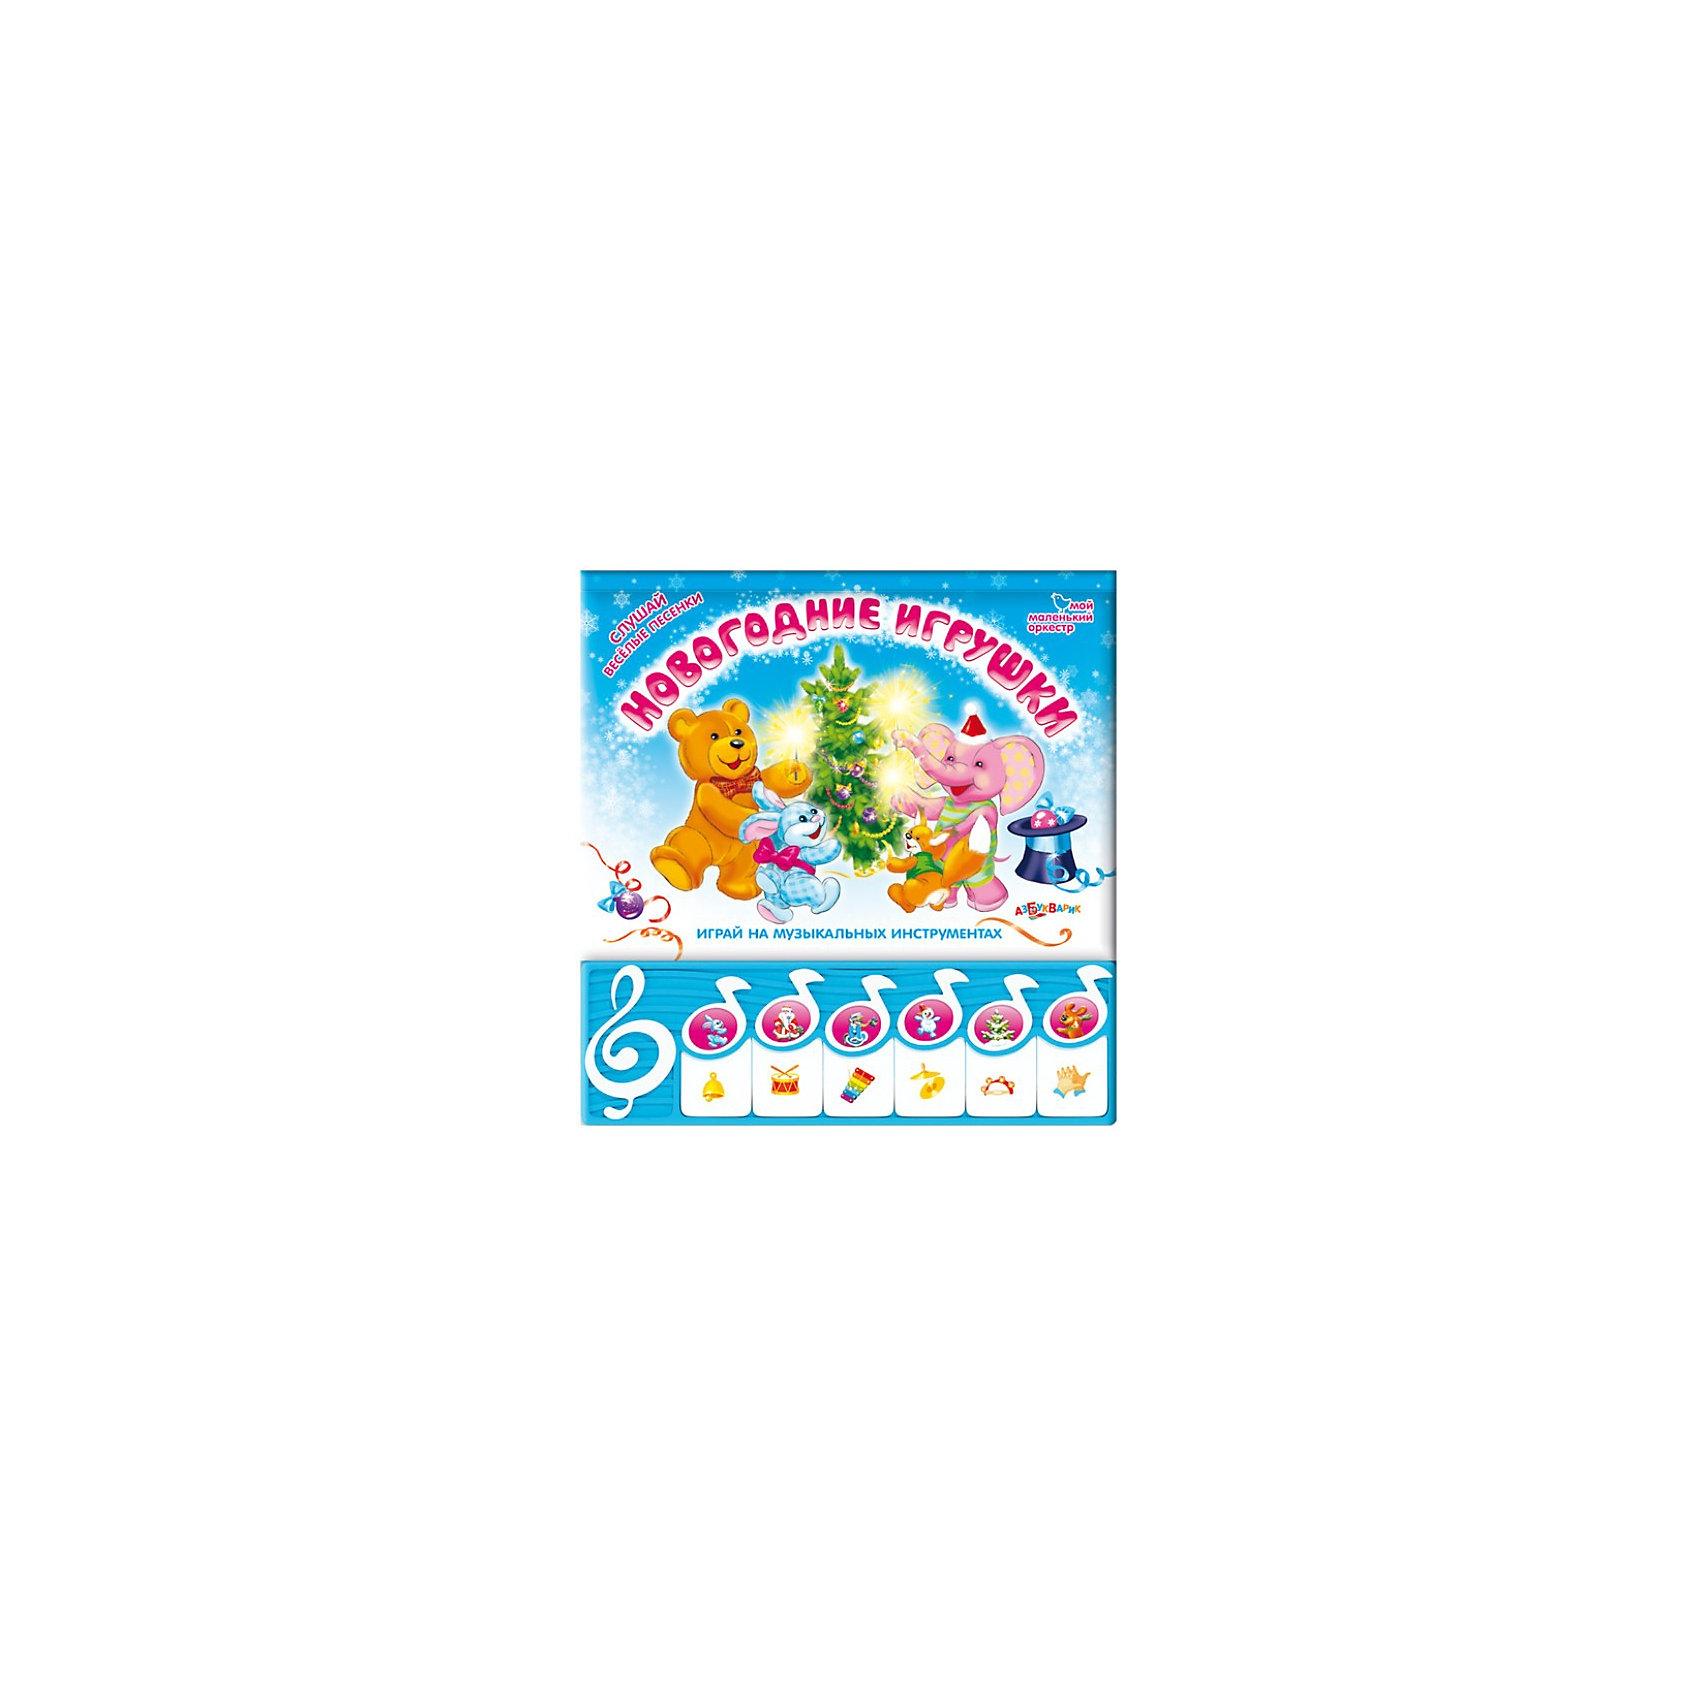 Новогодние игрушки Азбукварик. Серия Мой маленький оркестрВаш ребенок ни дня не может провести без веселой песенки? Модуль с шестью самыми любимыми песенками и звуками музыкальных инструментов превратится в руках вашего малыша в чудесный маленький оркестр. Выбирайте песенку, играйте по нотам в книге и создавайте свою неповторимую аранжировку! <br><br>Формат: 255х275 мм. <br>12 картонных страниц.<br><br>Ширина мм: 20<br>Глубина мм: 255<br>Высота мм: 275<br>Вес г: 645<br>Возраст от месяцев: 24<br>Возраст до месяцев: 60<br>Пол: Унисекс<br>Возраст: Детский<br>SKU: 3377348